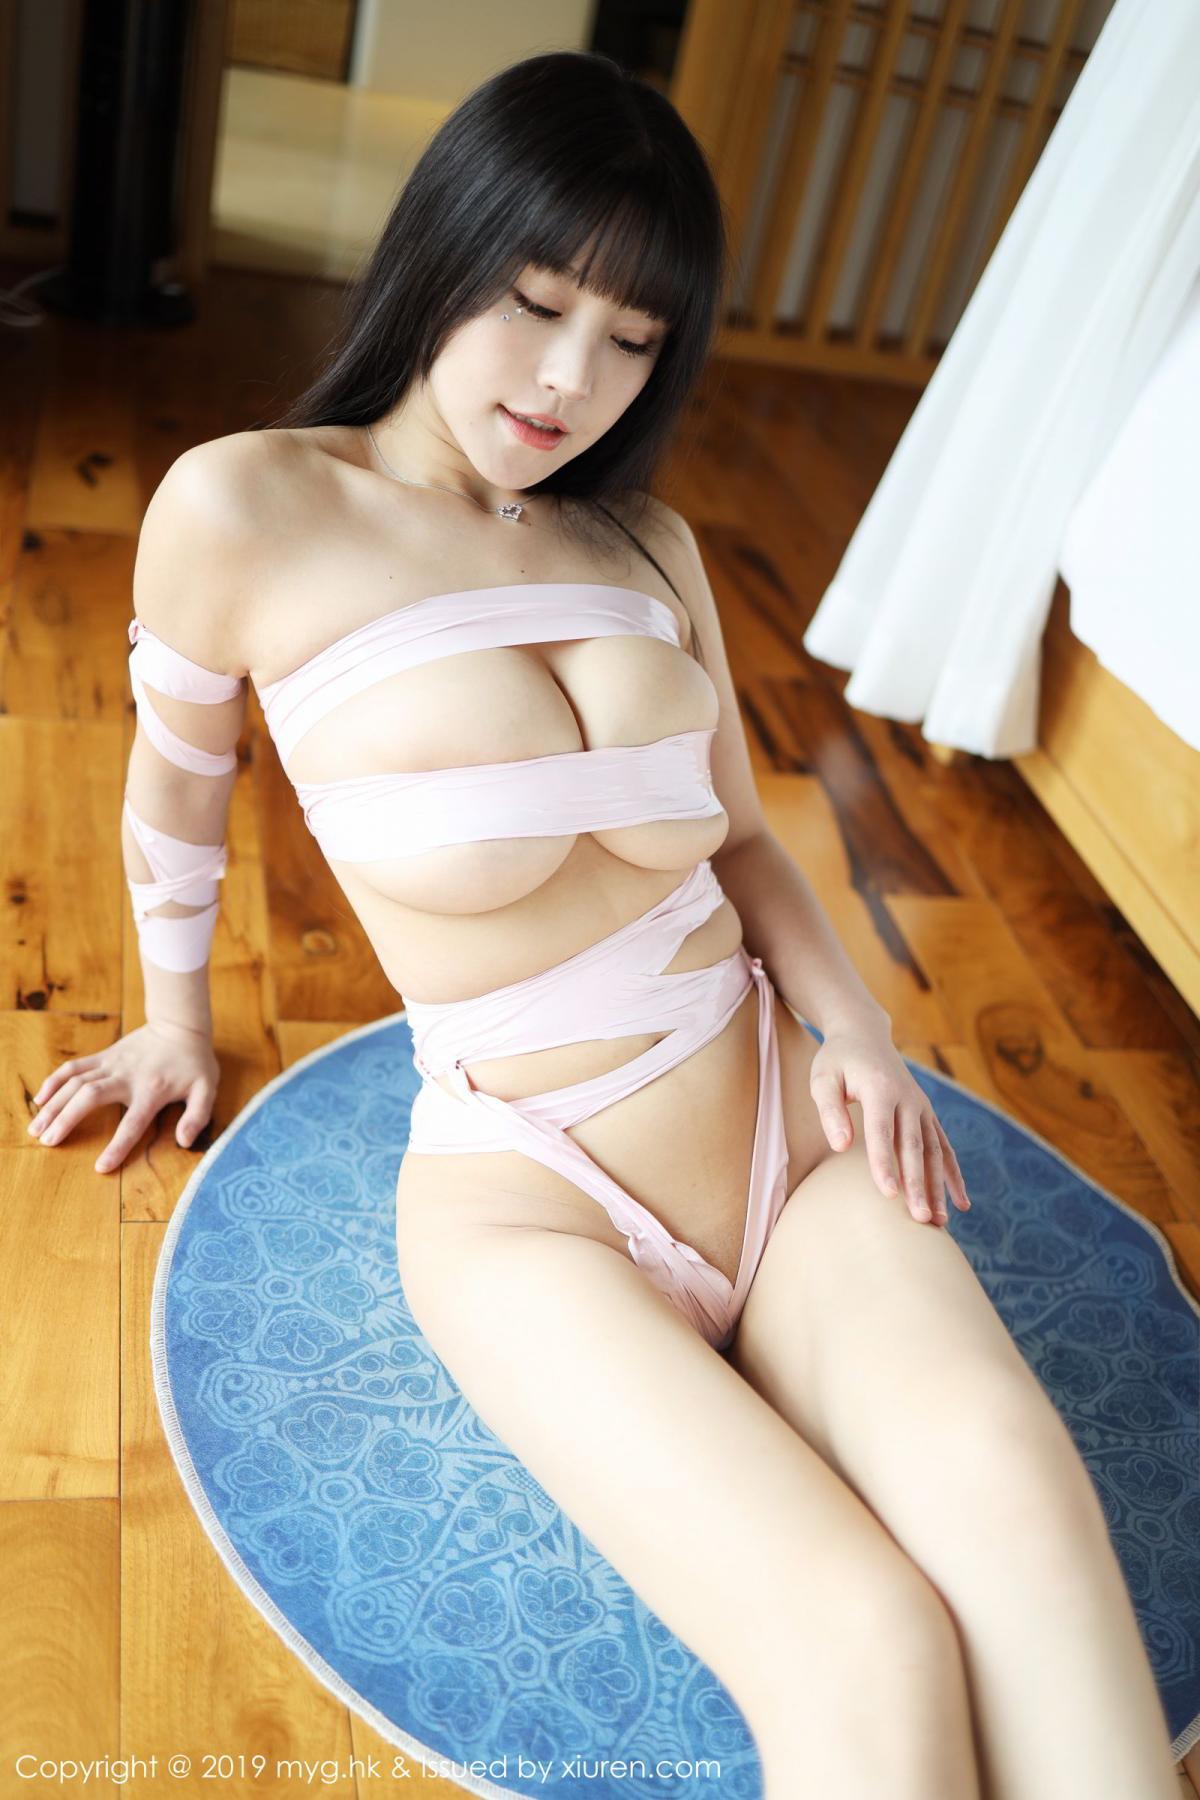 [MyGirl] Vol.366 Zhu Ke Er 11P, mygirl, Zhu Ke Er